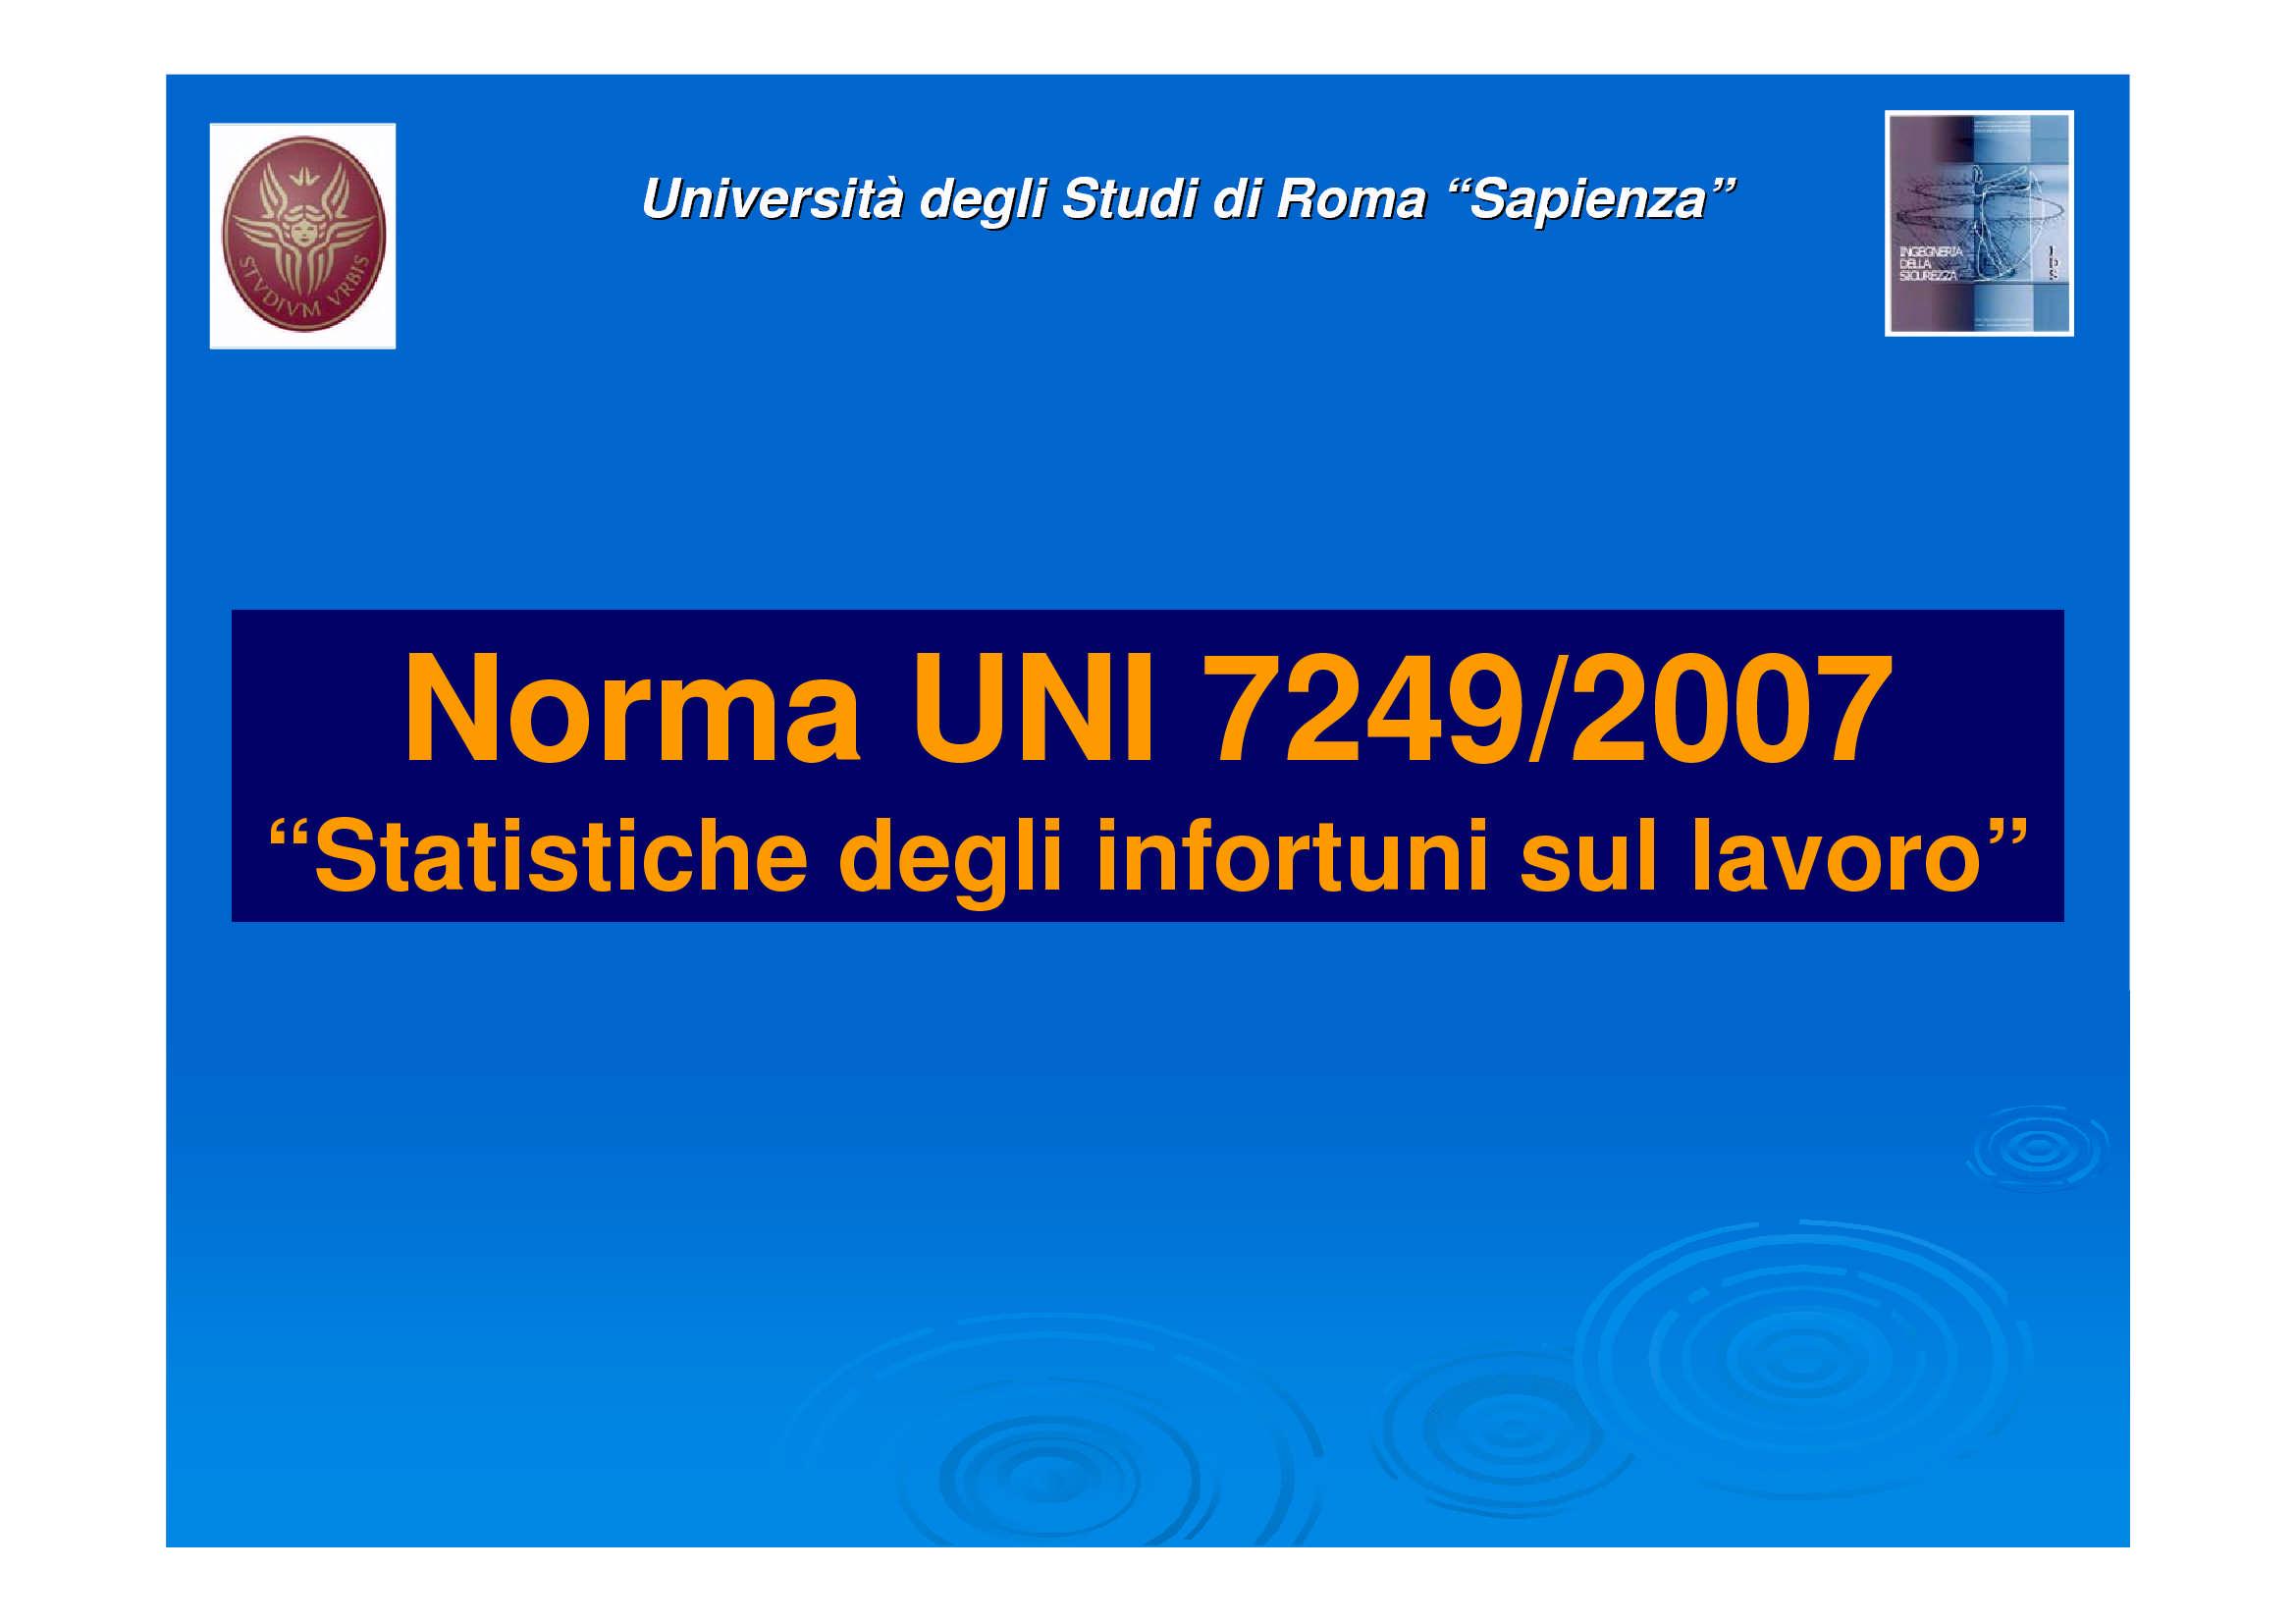 Statistiche degli infortuni sul lavoro - Uni 7249/2007